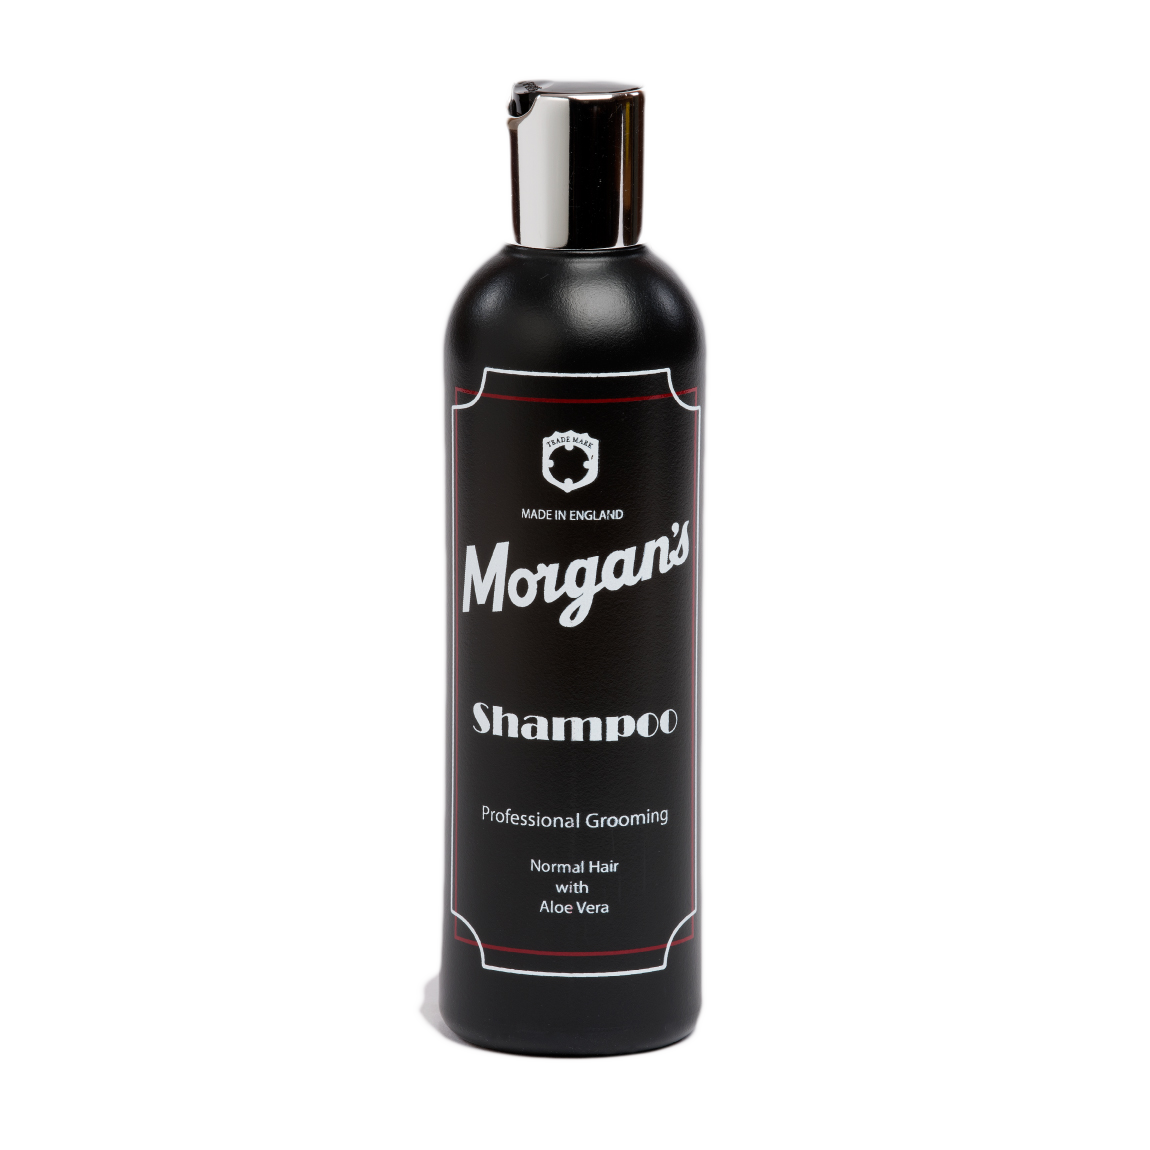 Morgan's Men Shampoo 250ml